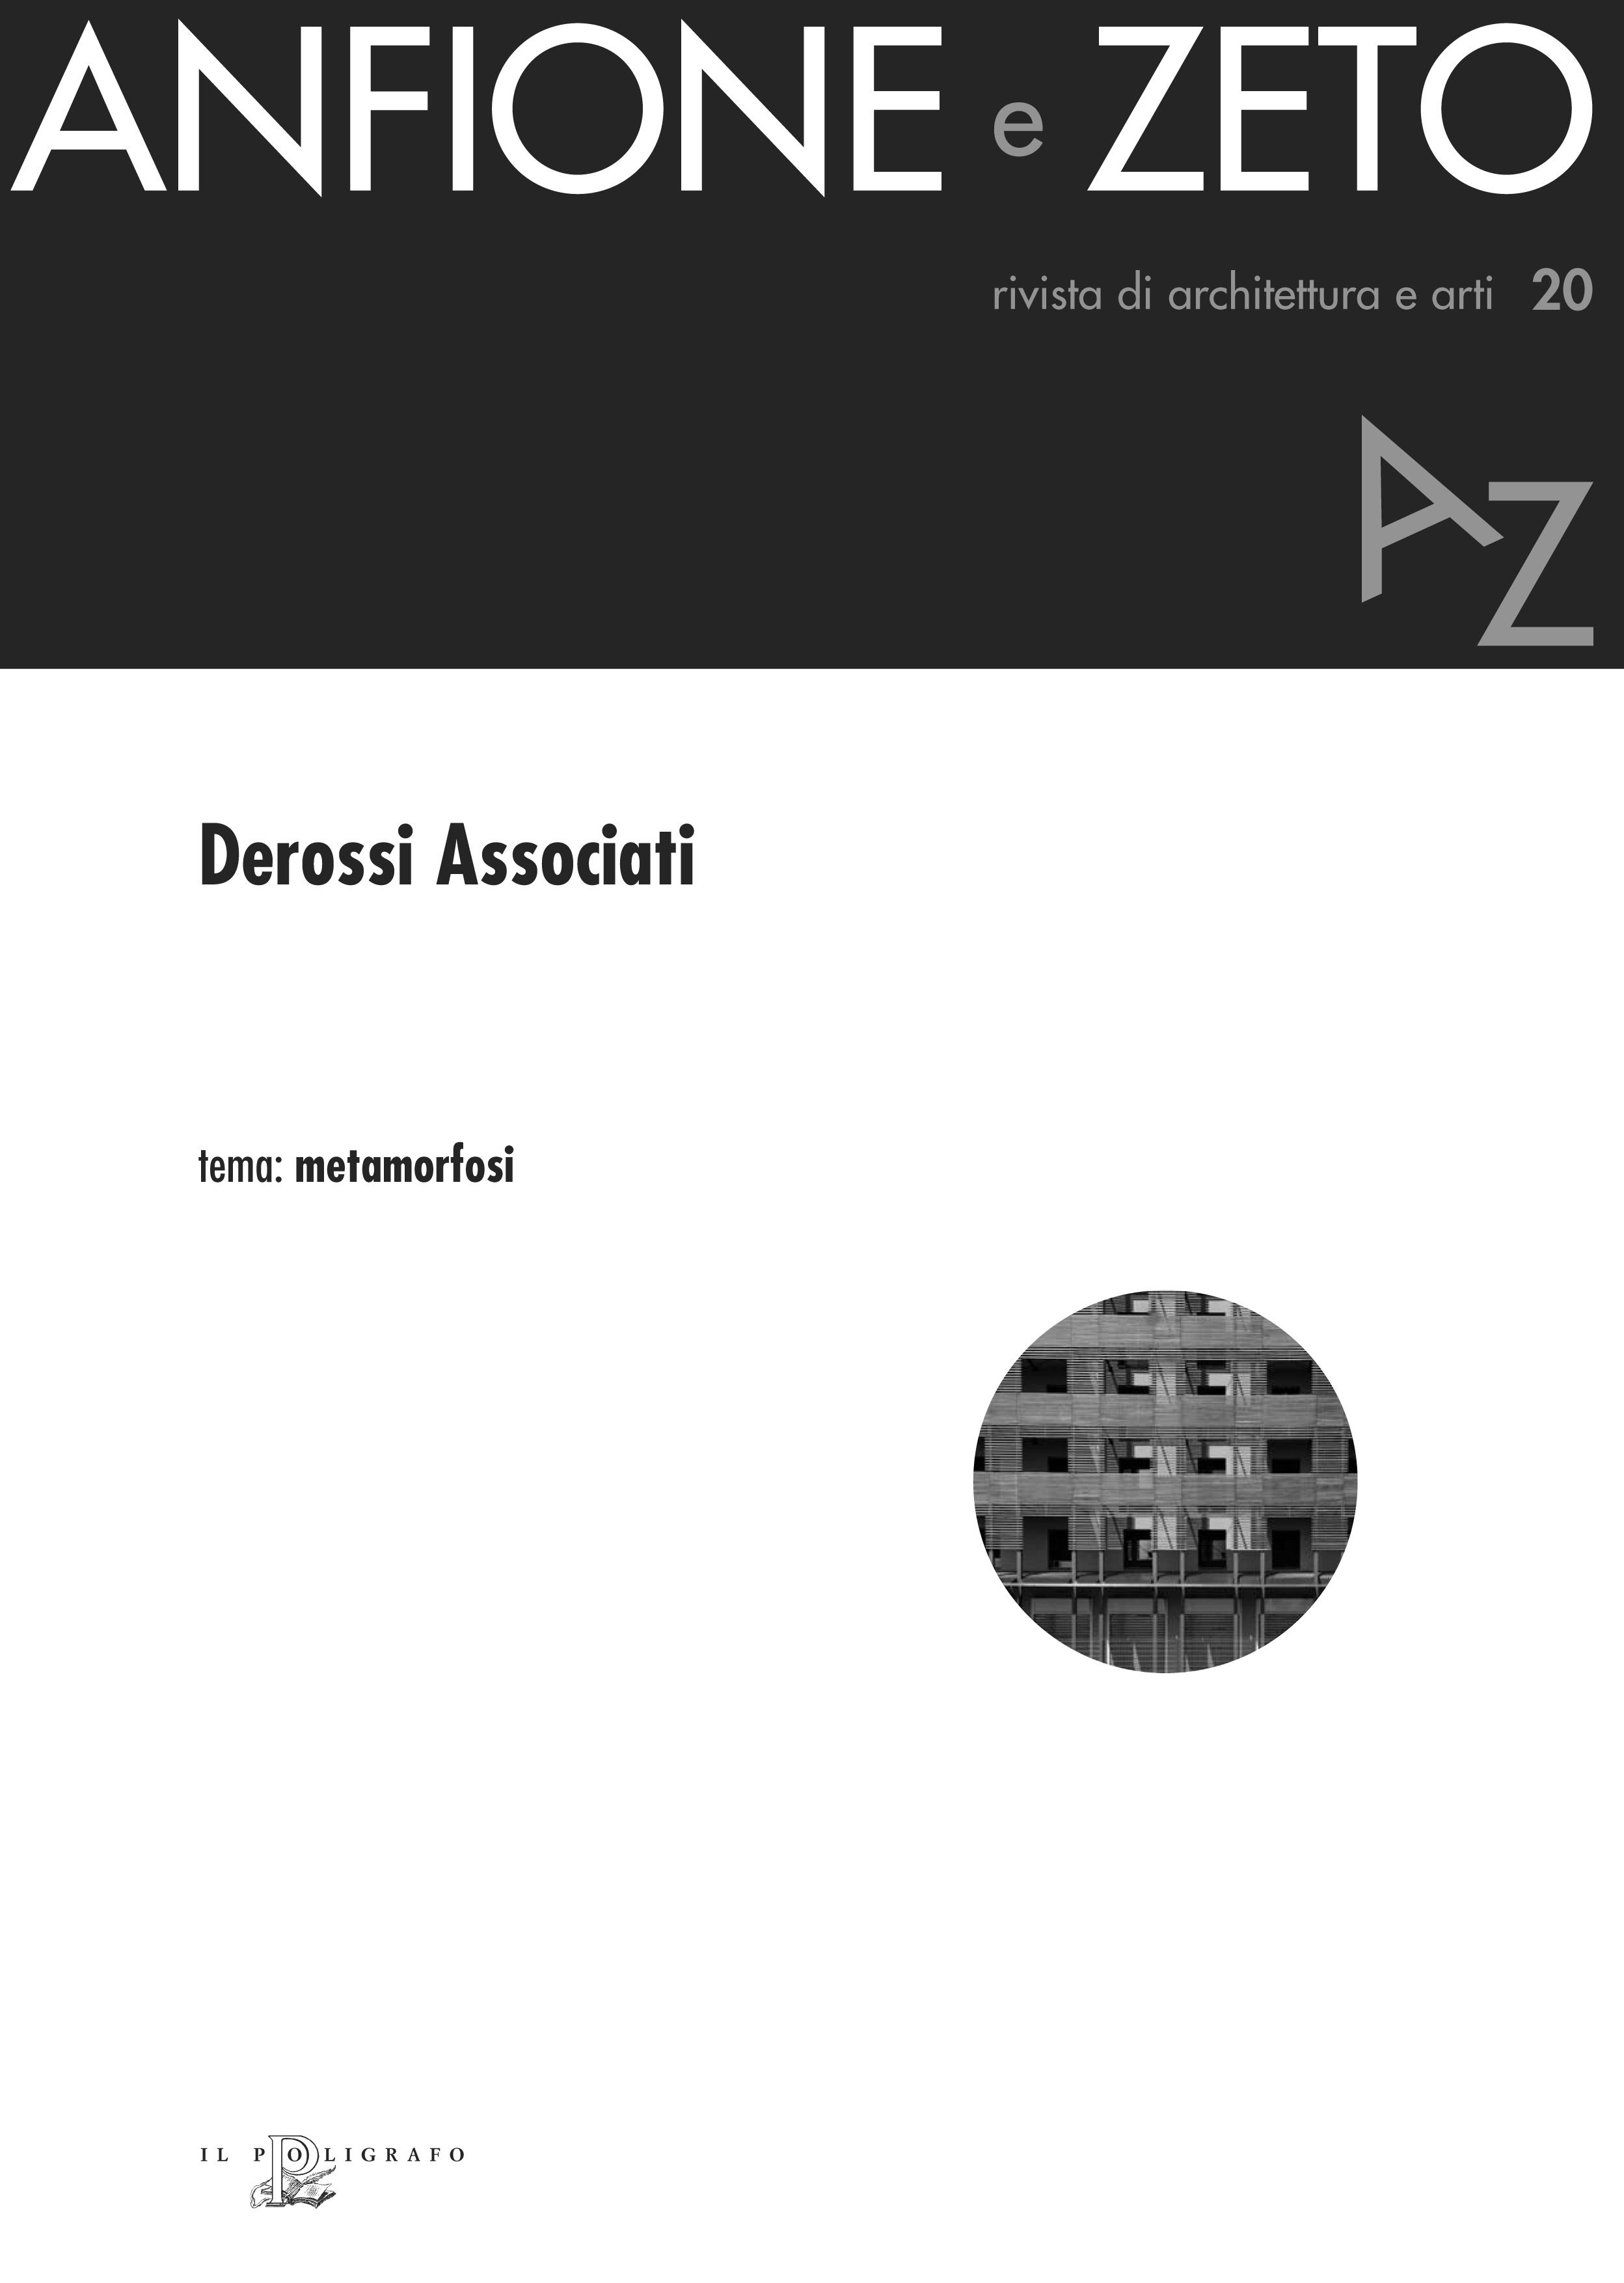 Anfione e Zeto. Rivista di architettura e arti, n. 20